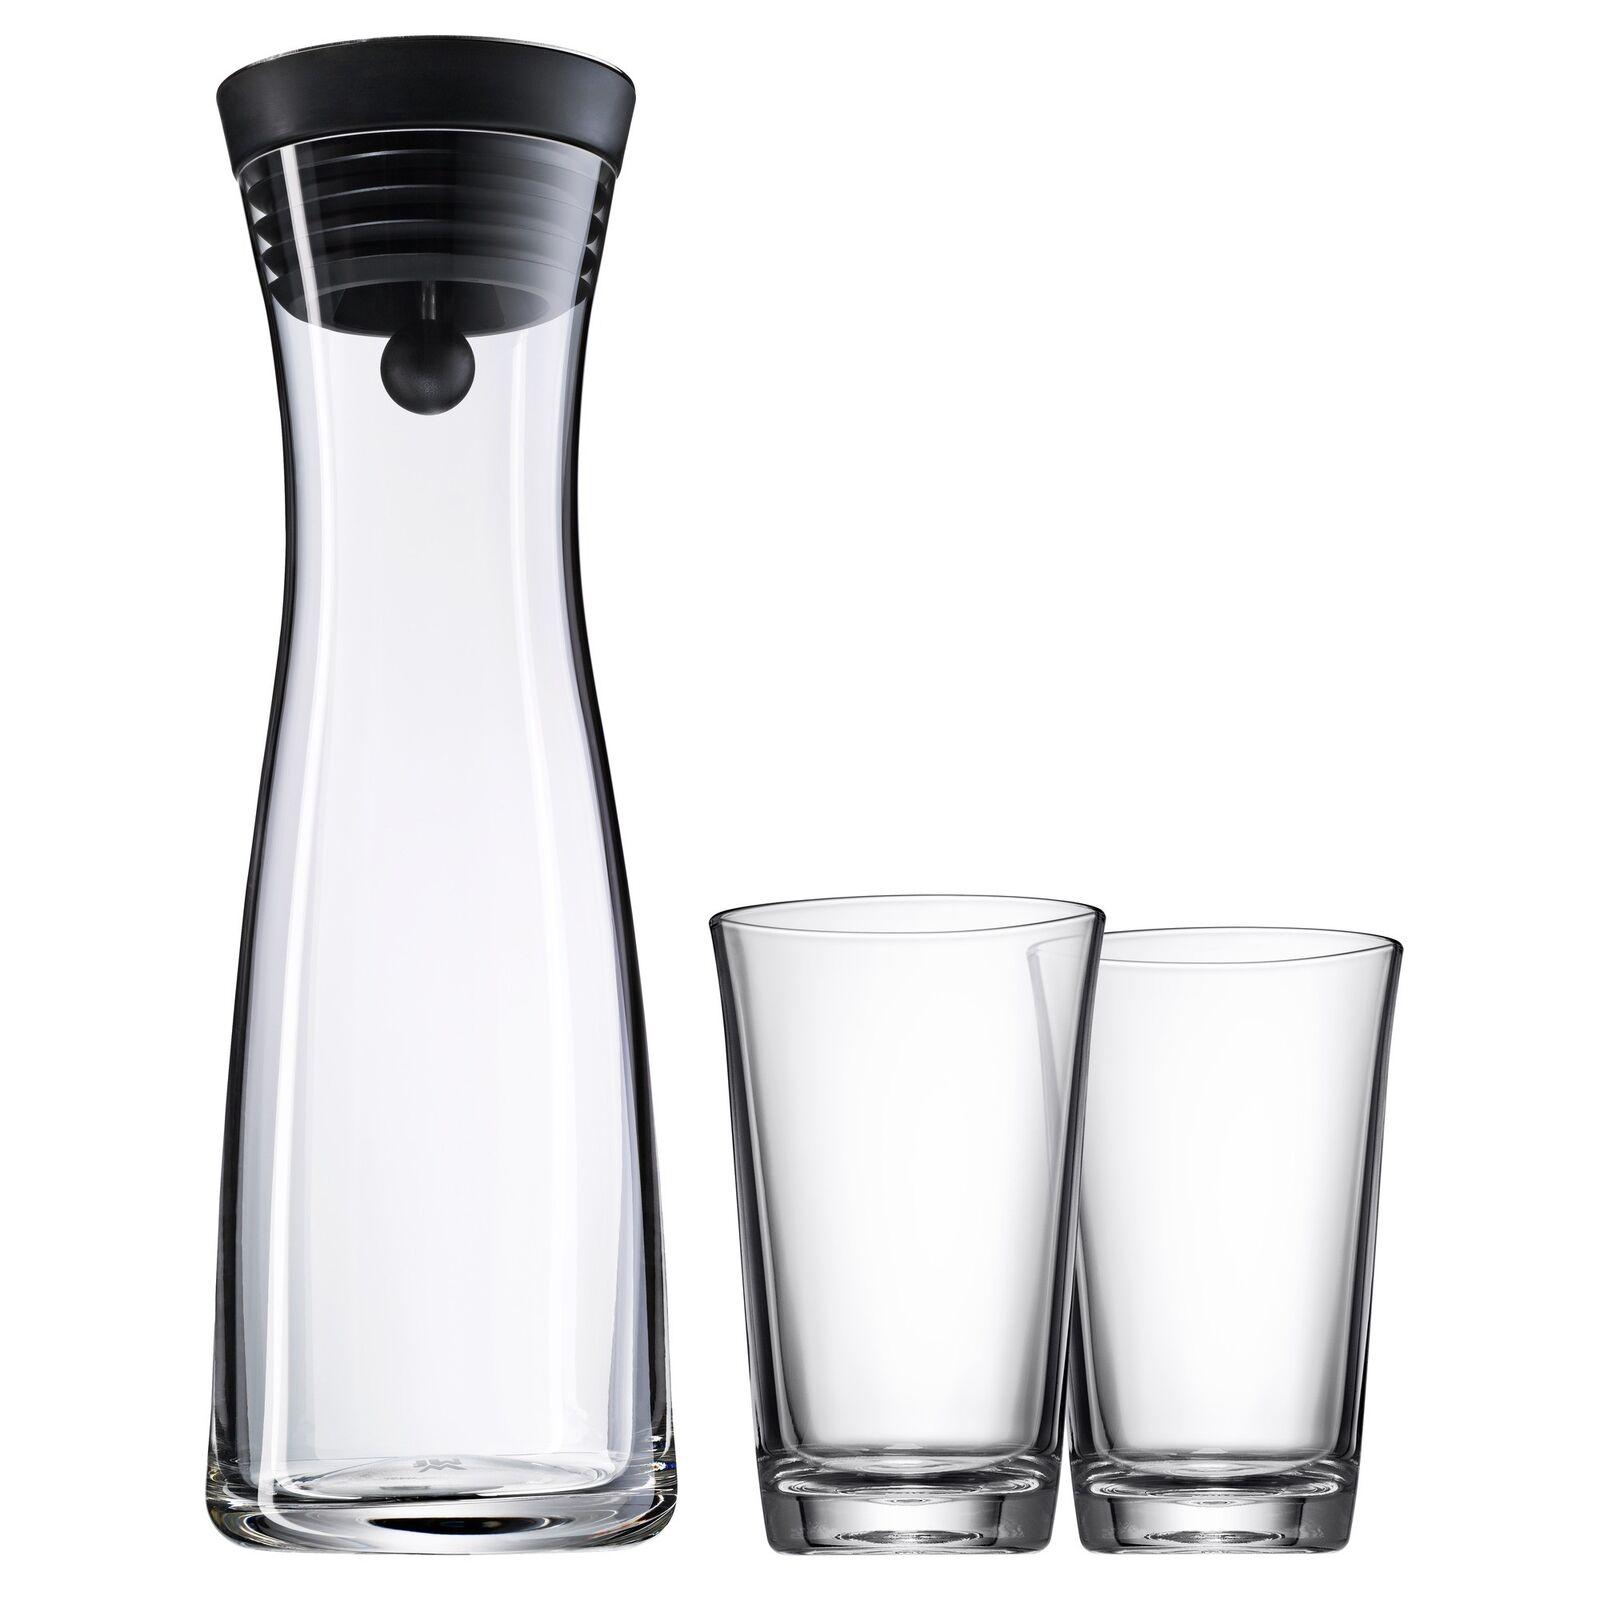 WMF Wasserkaraffe mit 2 Wassergläsern a 0,25 l